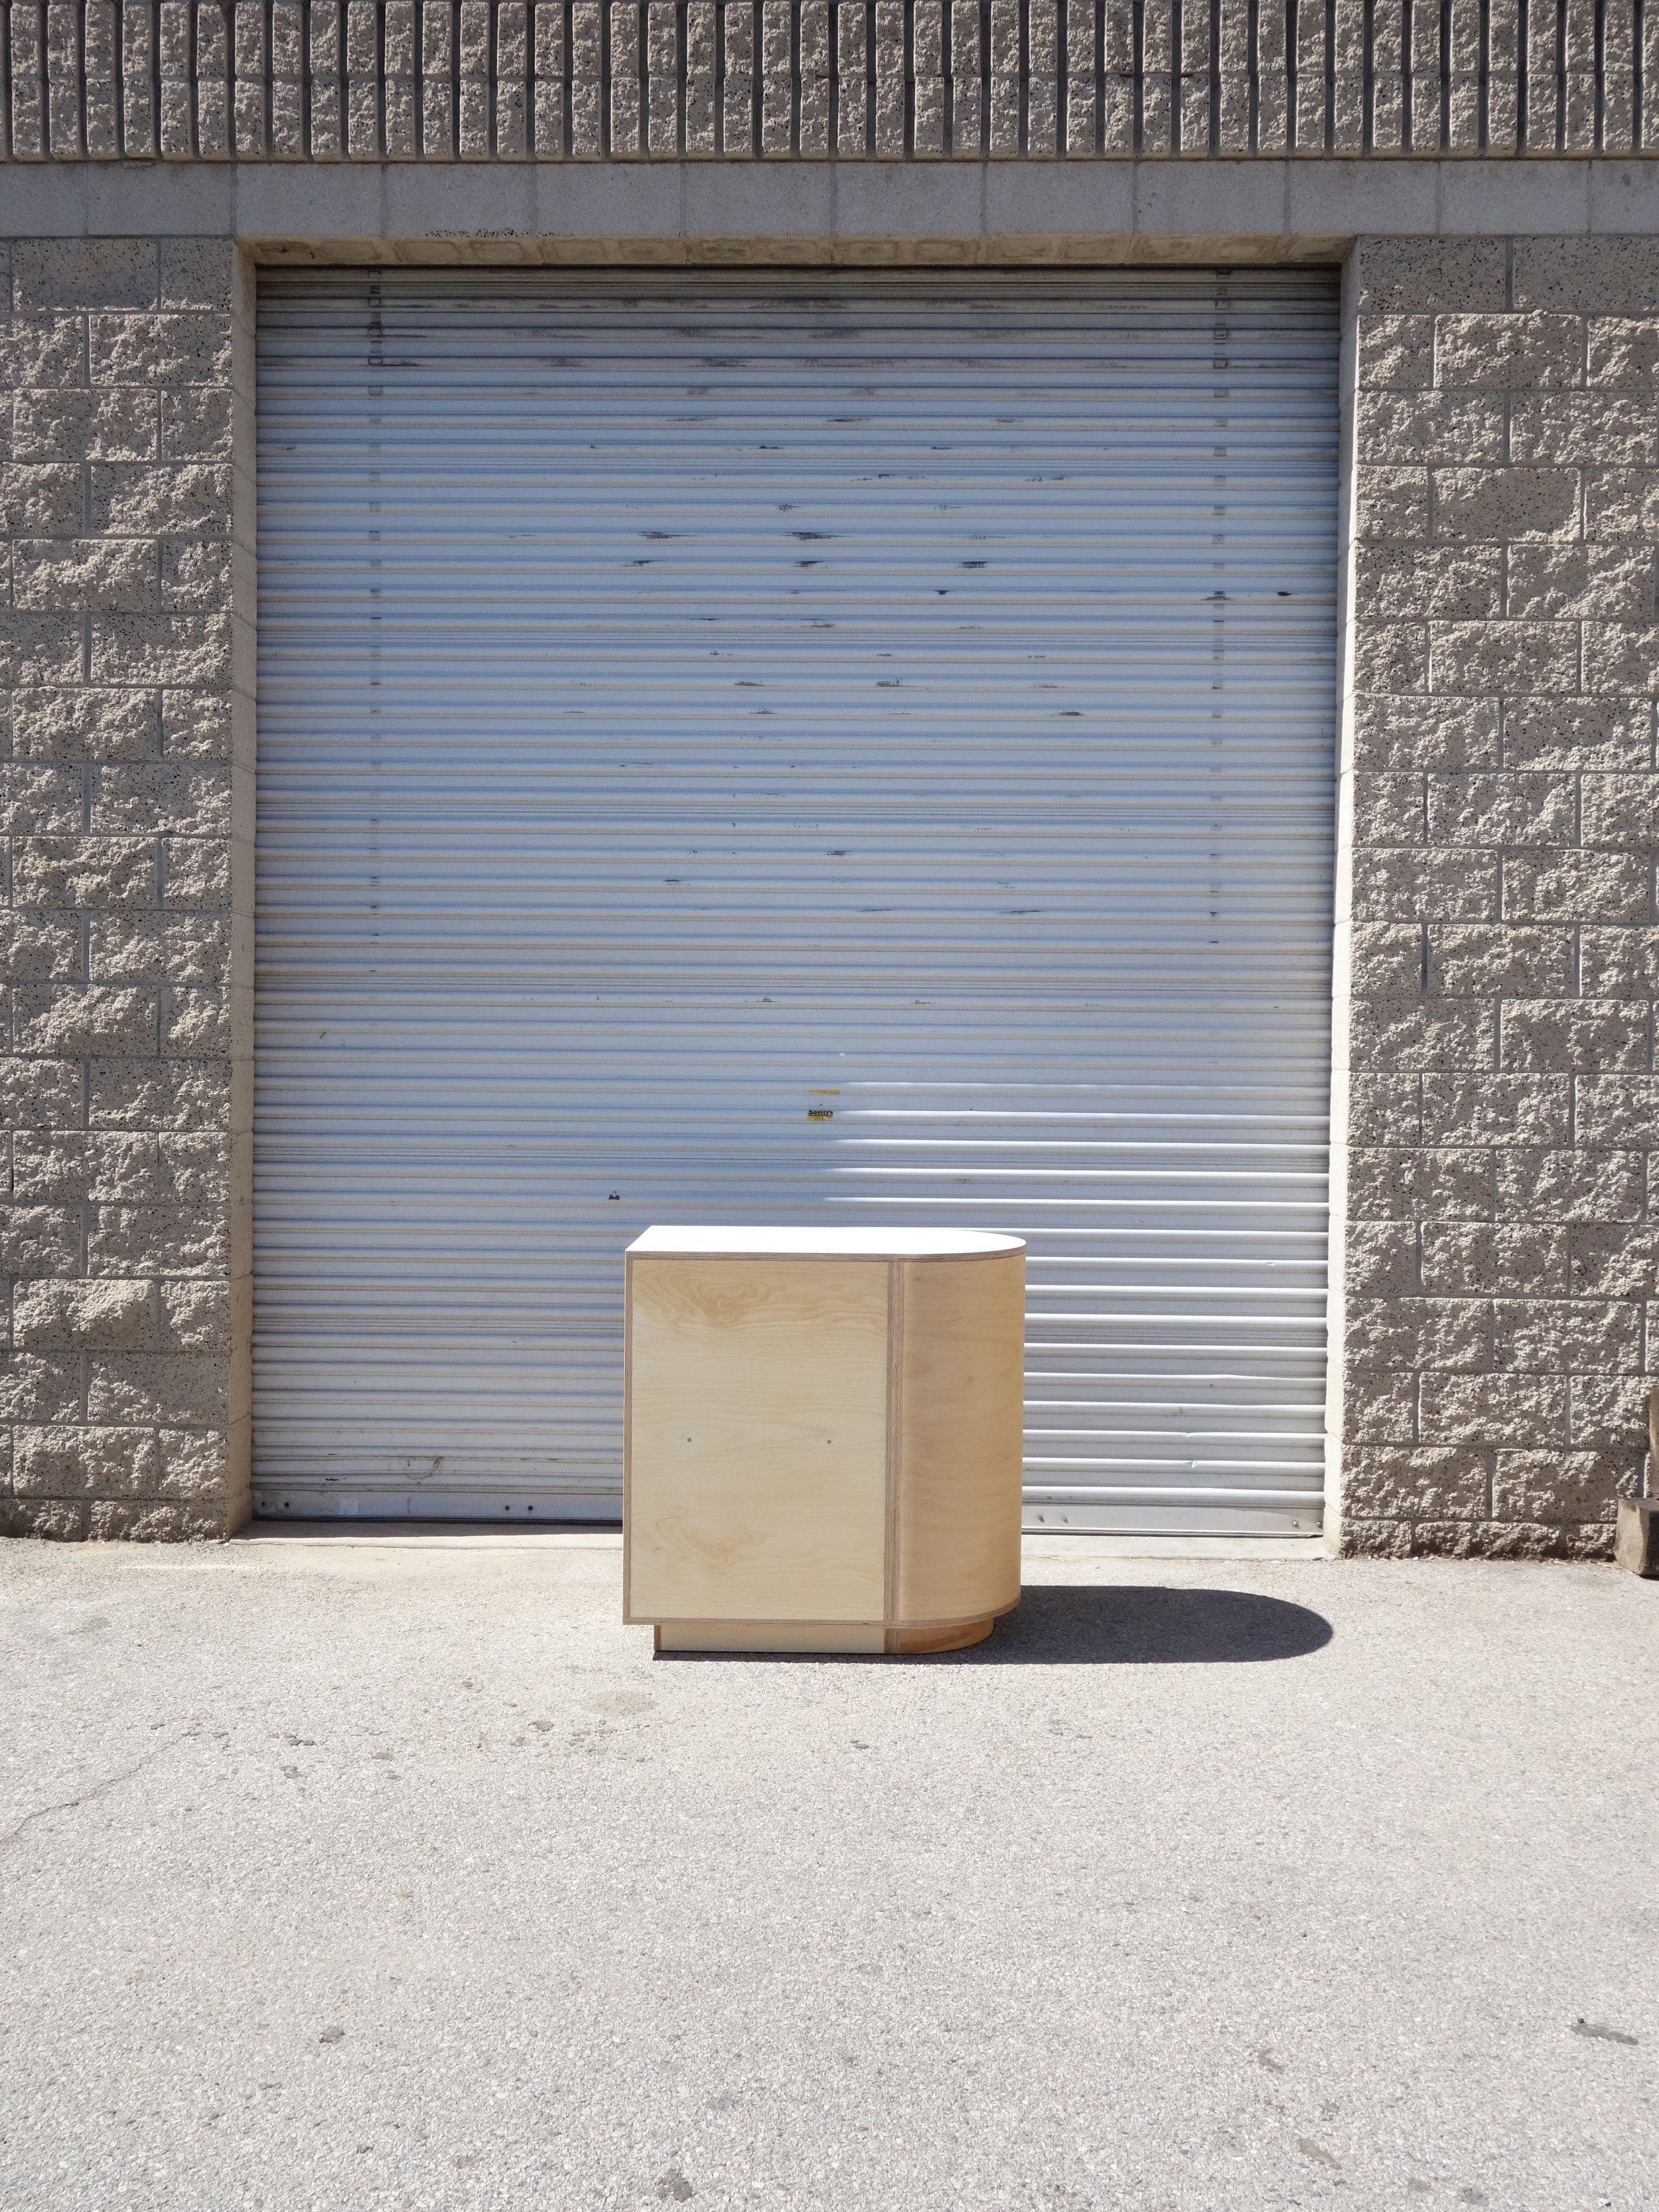 Rebag Madison, NY product image 14